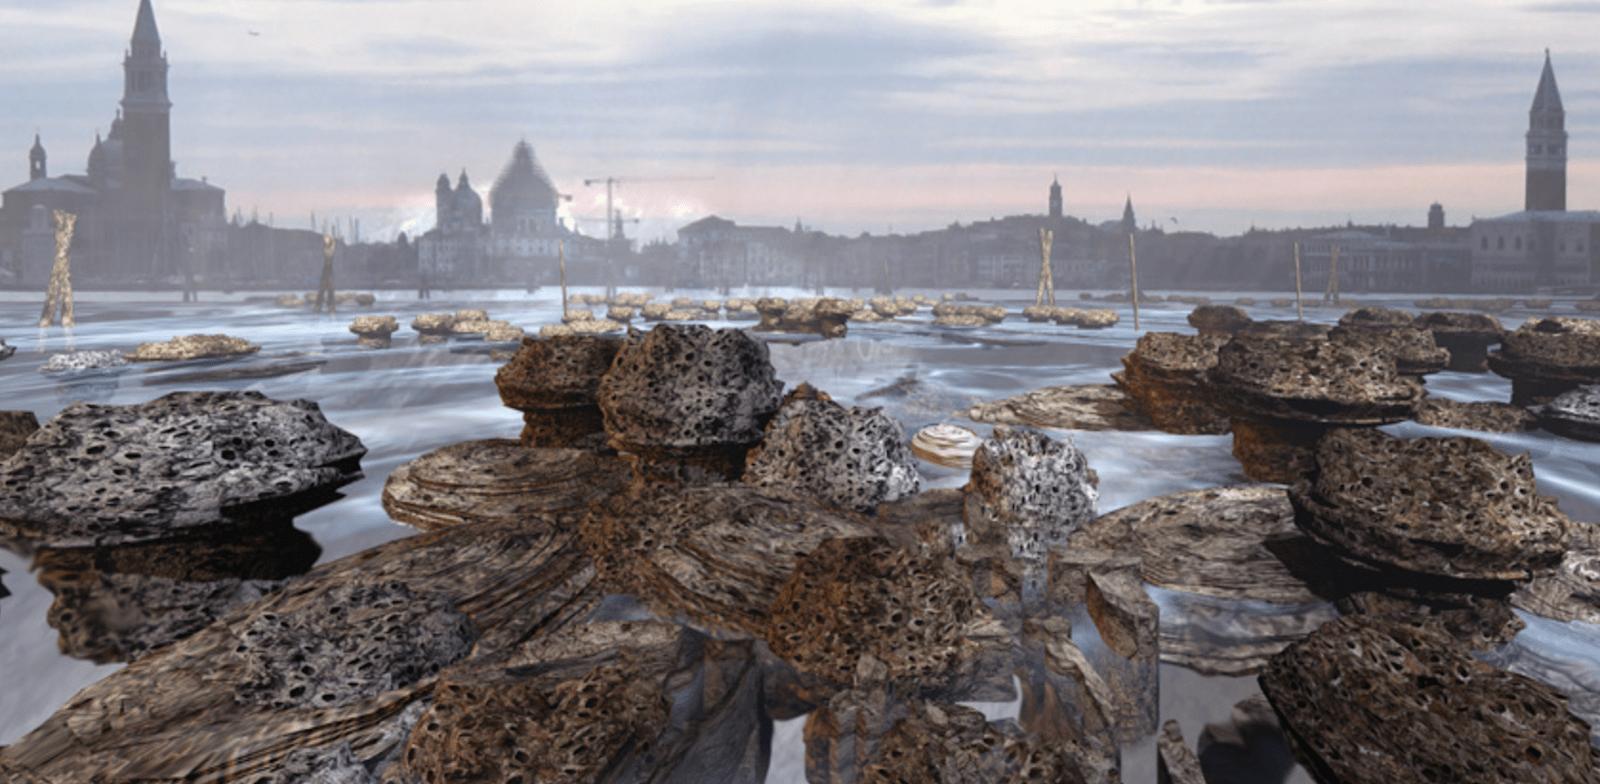 ''ונציה של העתיד'',  שונית אלמוגים סינתטית ענקית למניעת שקיעתה של ונציה. פרויקט של פרופ' רייצ'ל ארמסטרונג / צילום: הדמית מחשב של Christian Kerrigan